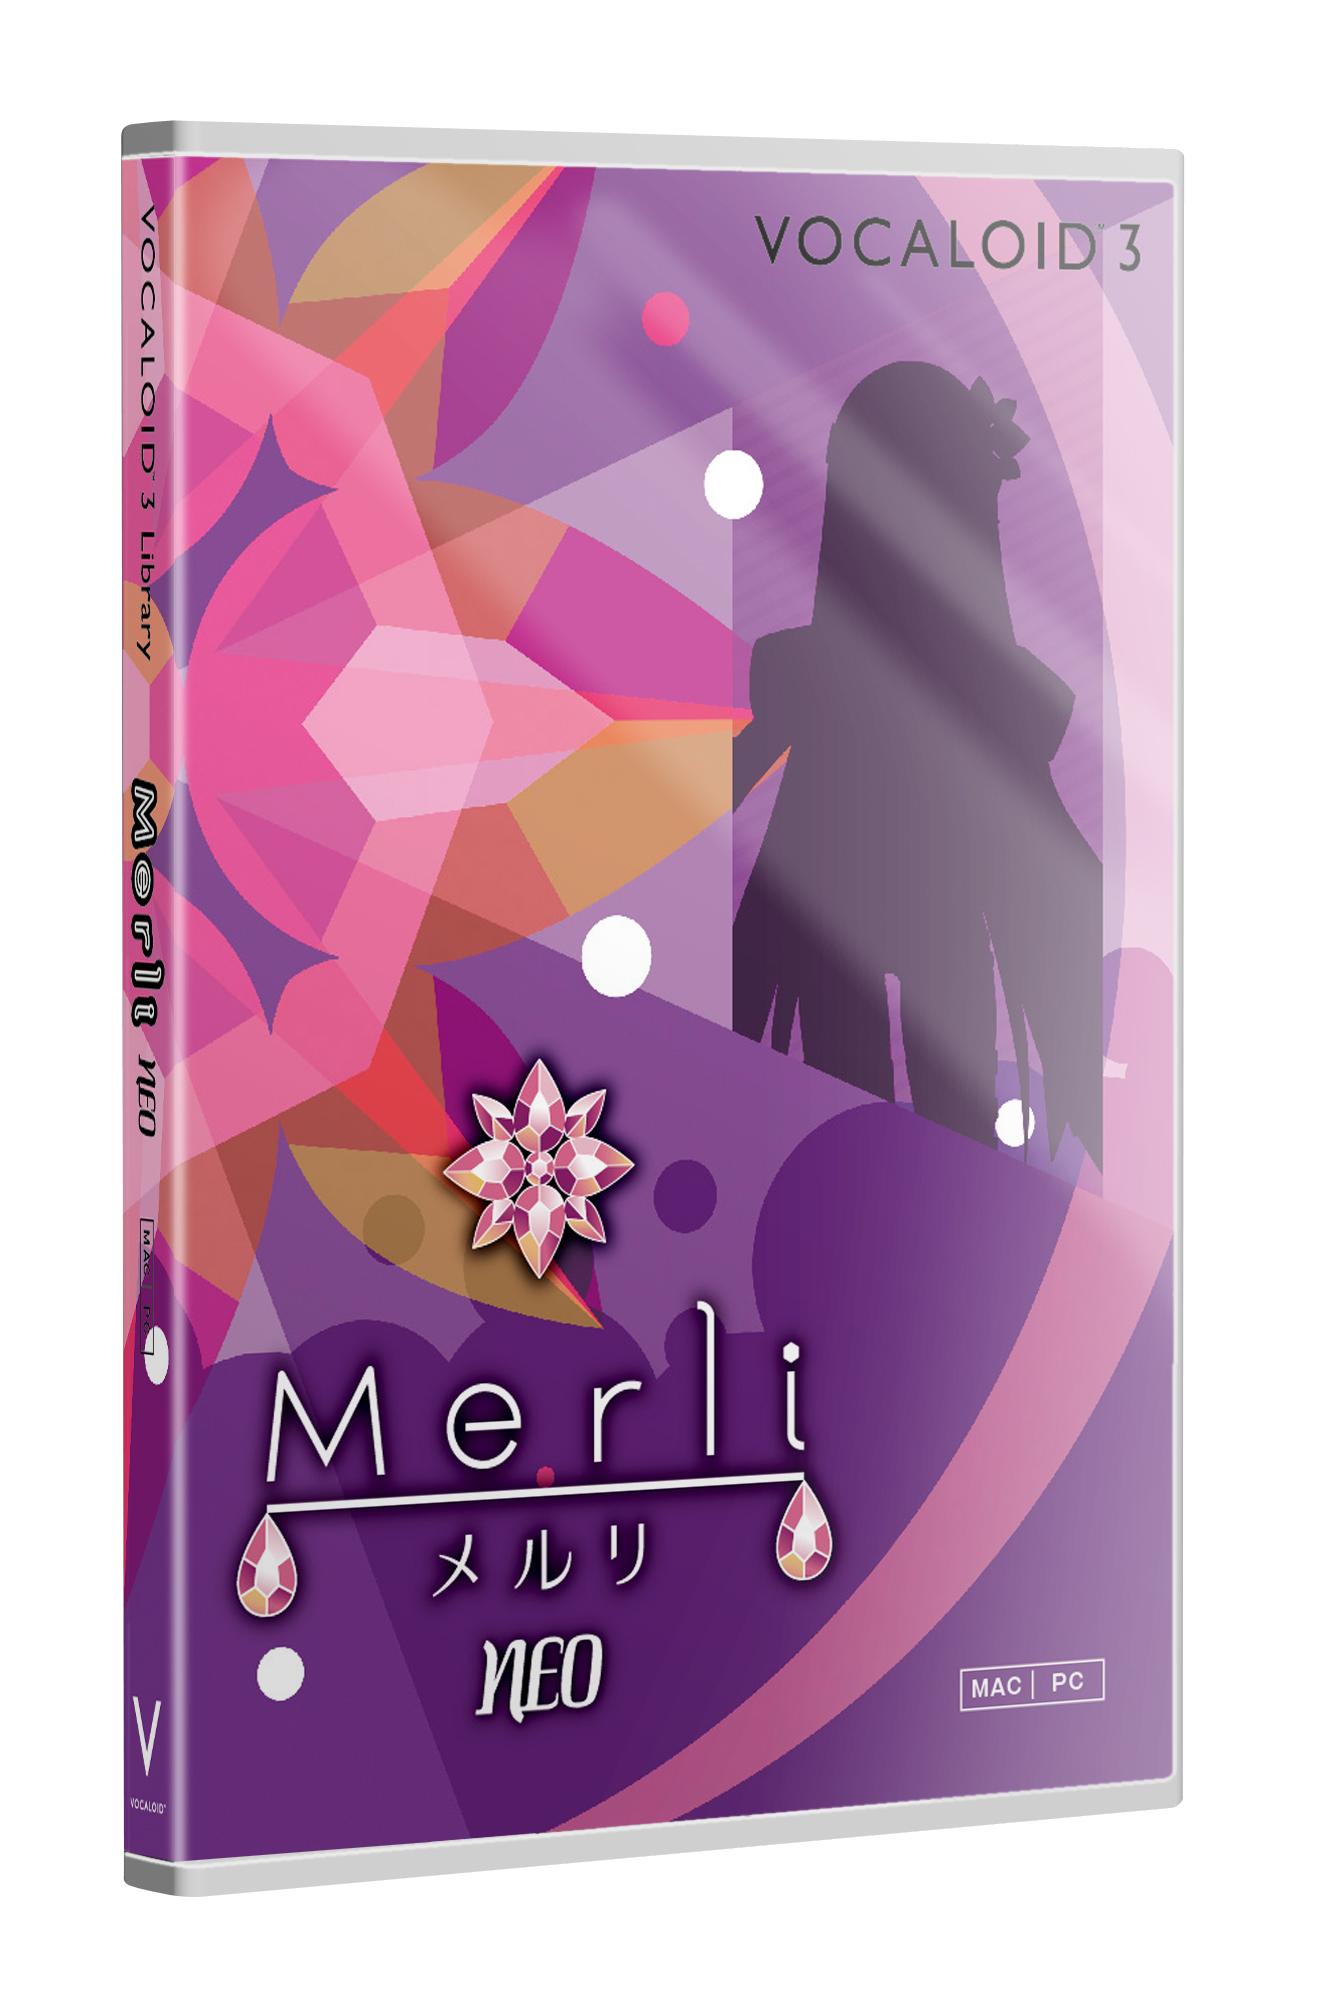 Merli (VOCALOID3)